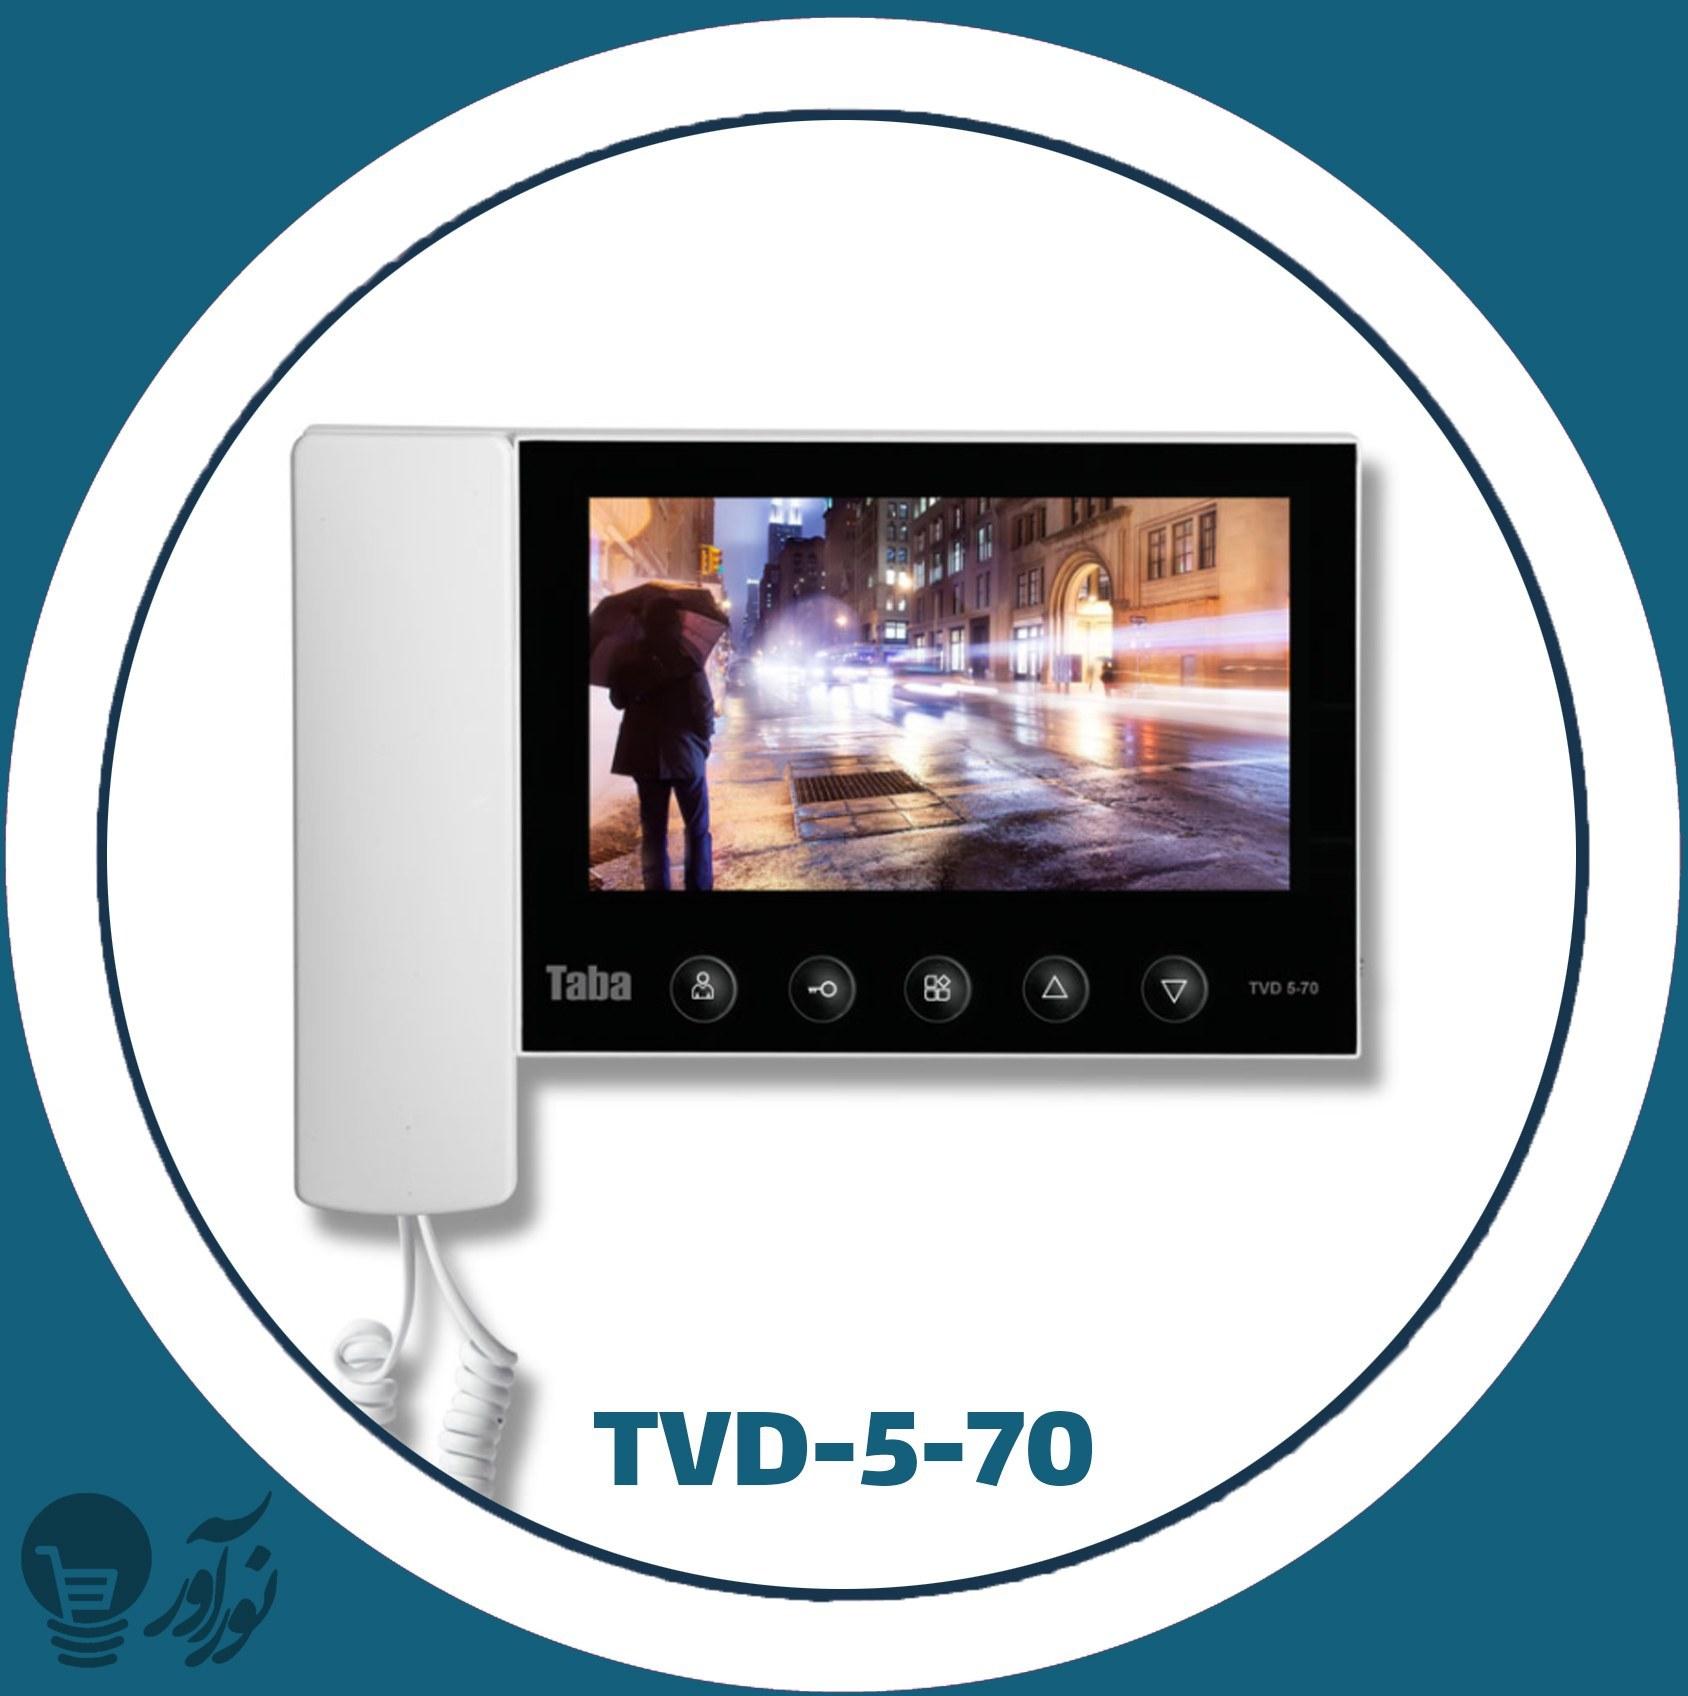 تصویر آیفون تصویری تابا TVD-5-70 TABA TVD-5-70